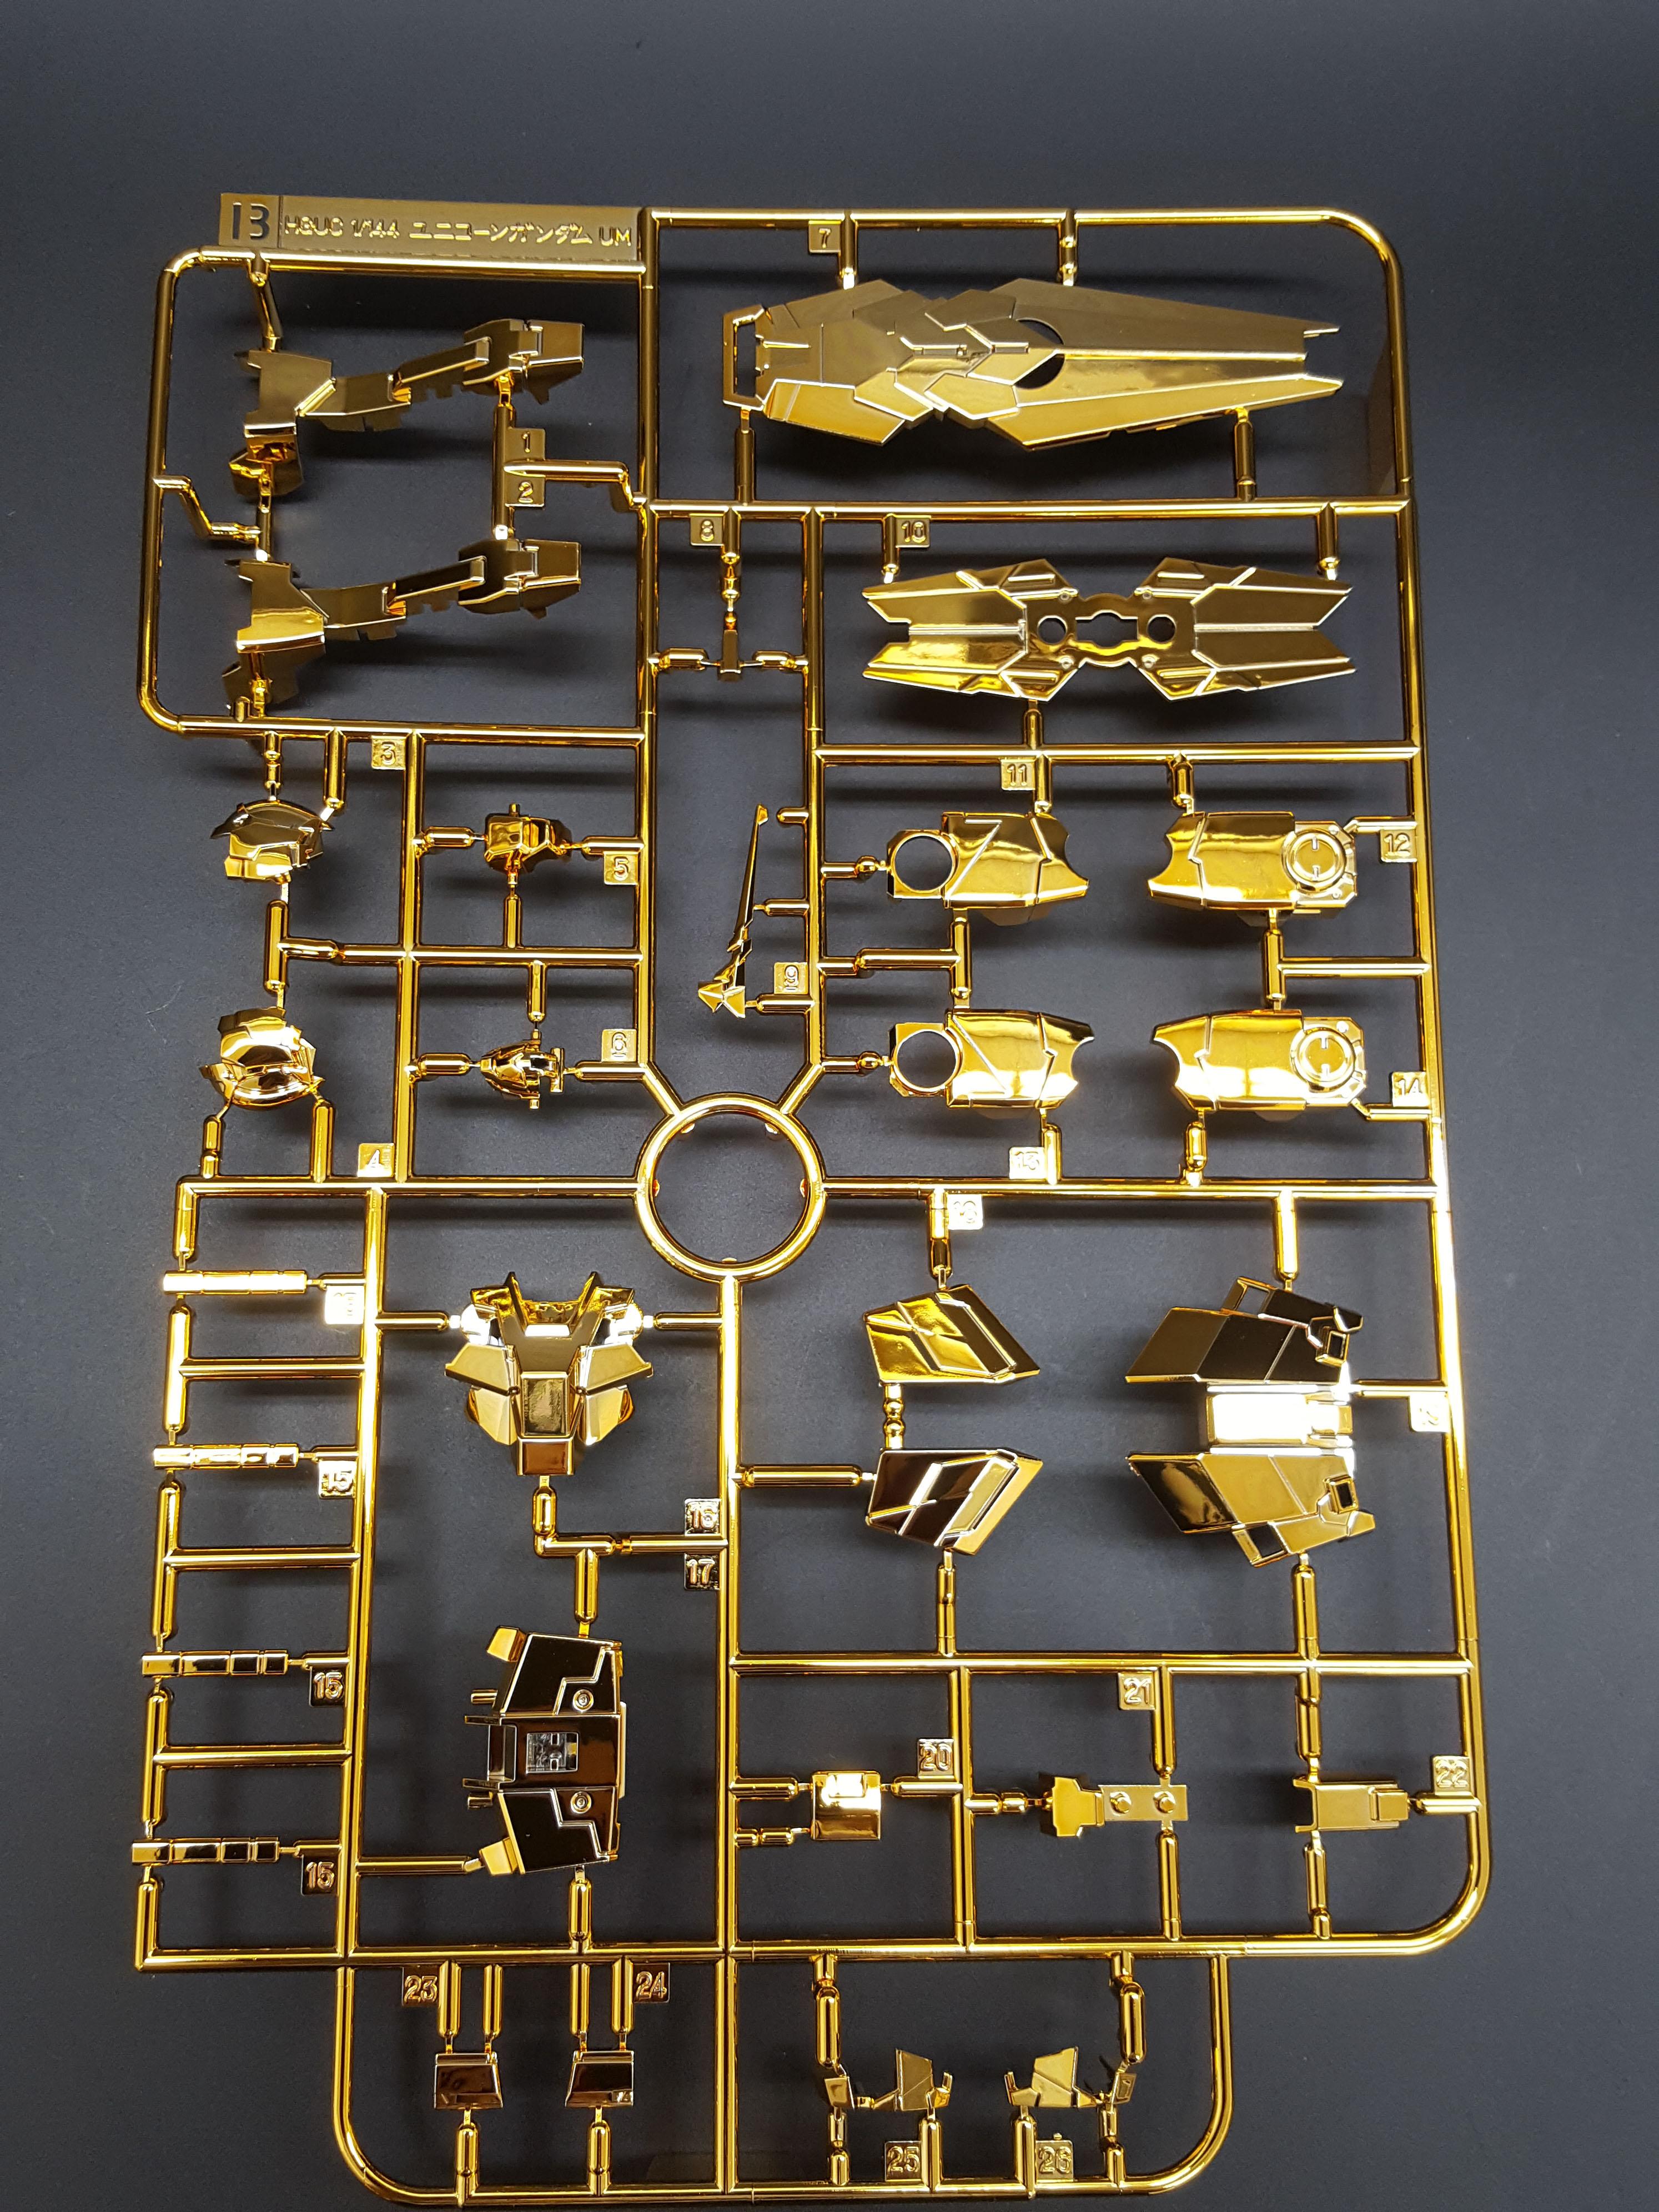 1/144 HGUC Unicorn Gundam Unit 3 Fenex (Unicorn Mode) (Narrative Ver.) (Gold Coating)